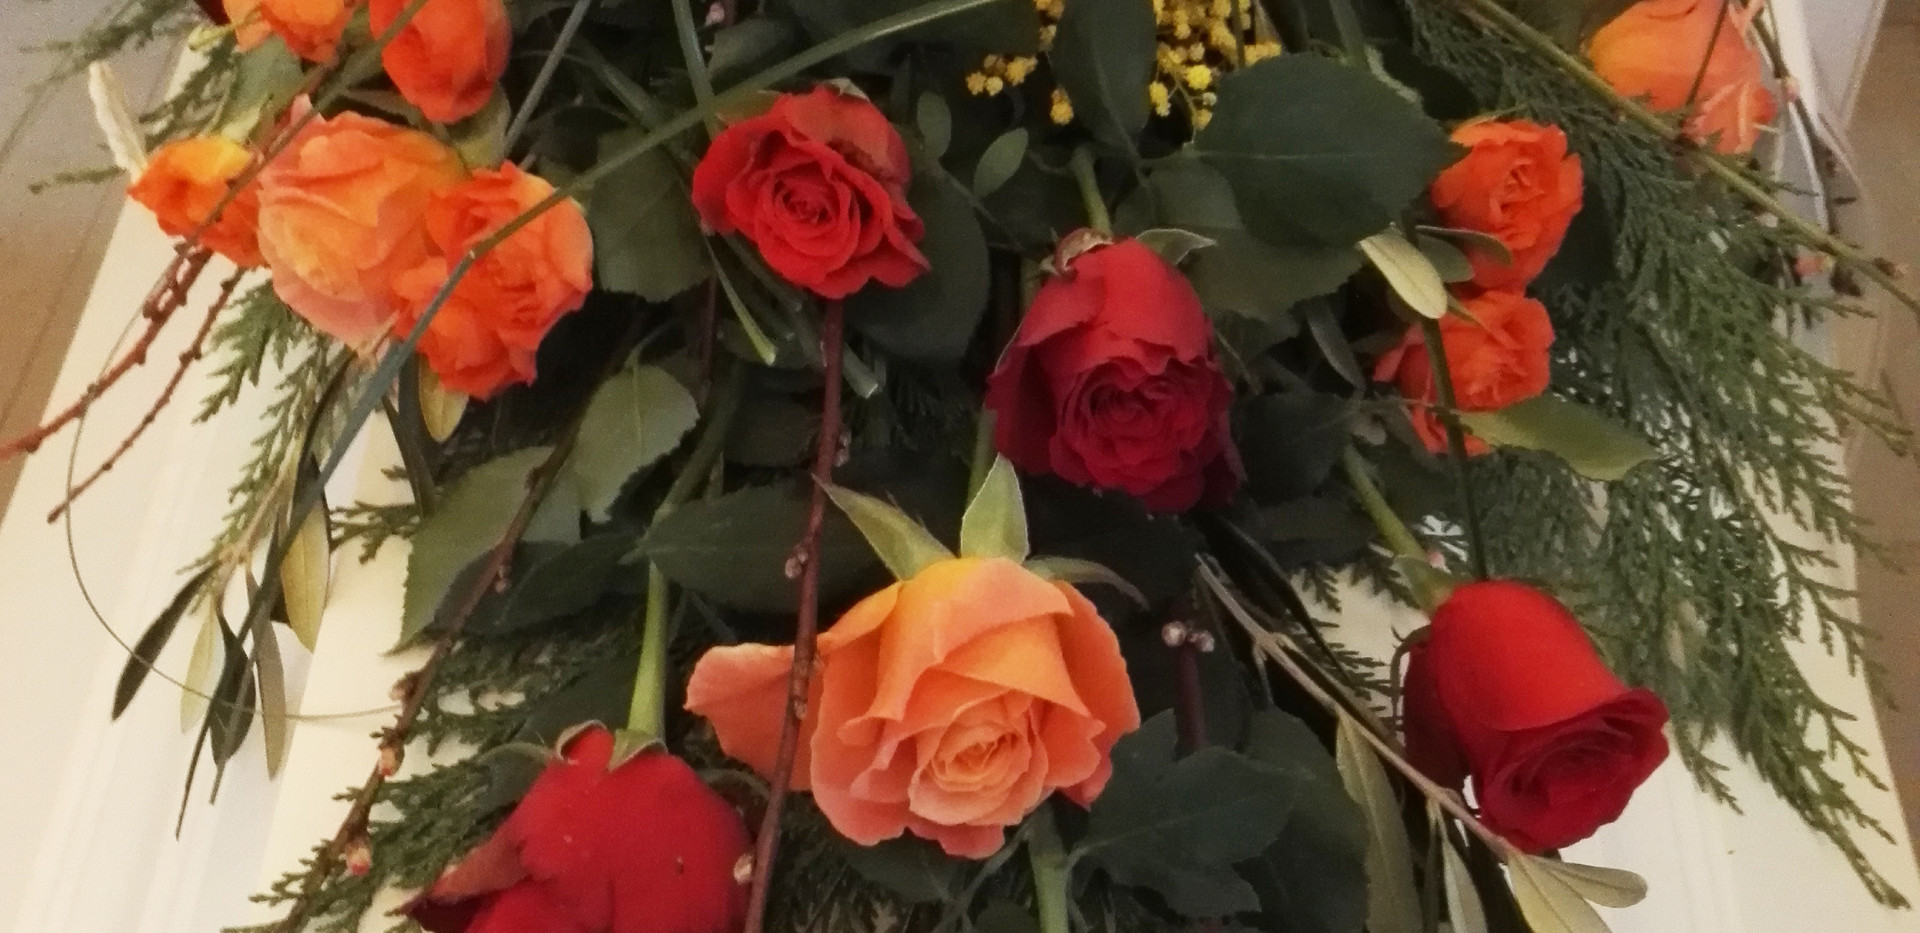 nova-begravelse-kiste-bisettelse05.jpg